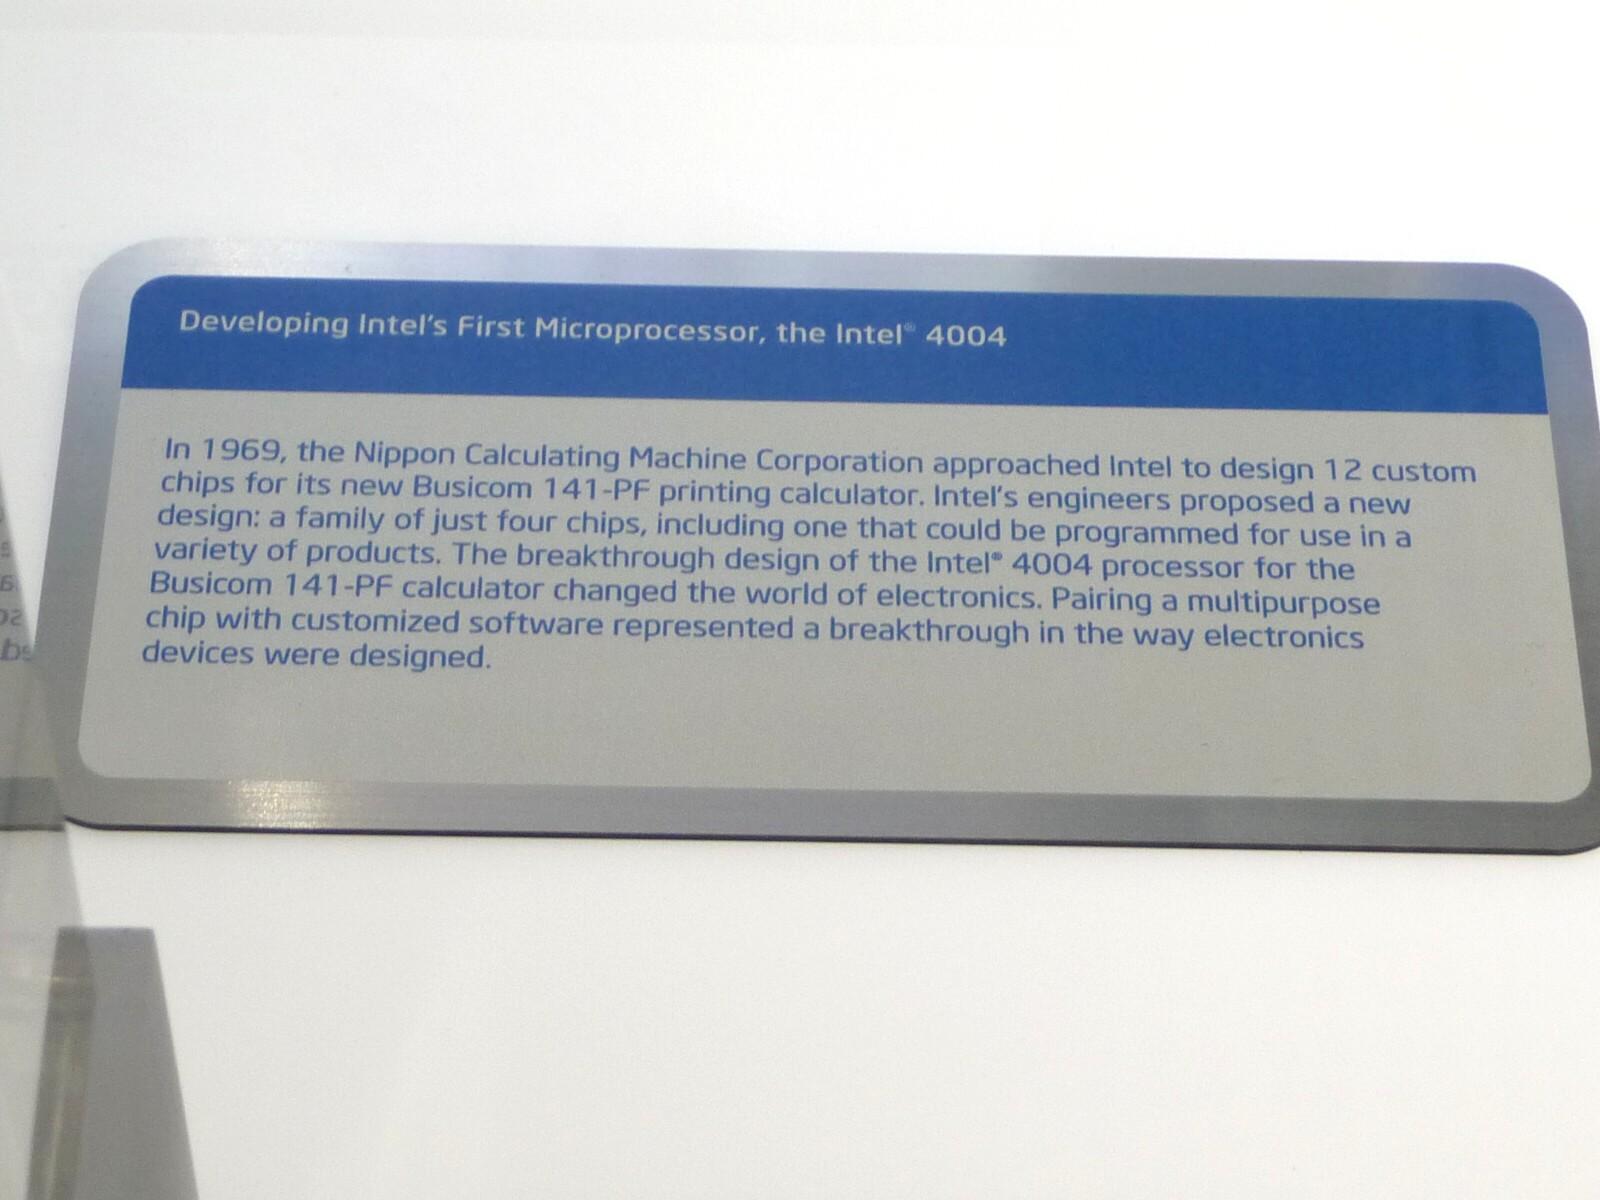 """世界初のマイクロプロセッサ「4004」の展示棚に置かれた、「4004」の開発経緯に関する説明パネル。なお日本のビジコンが提案したカスタムチップを12種類と説明パネルで記述しているのは誤りで、ビジコンの技術者である嶋正利氏(当時)は<a href=""""http://itpro.nikkeibp.co.jp/article/Watcher/20070418/268753/"""" class=""""n"""" target=""""_blank"""">8種類のカスタムチップを合計で12個使うと述べており</a>、Intelは12個を12種類と誤って理解したものと思われる"""